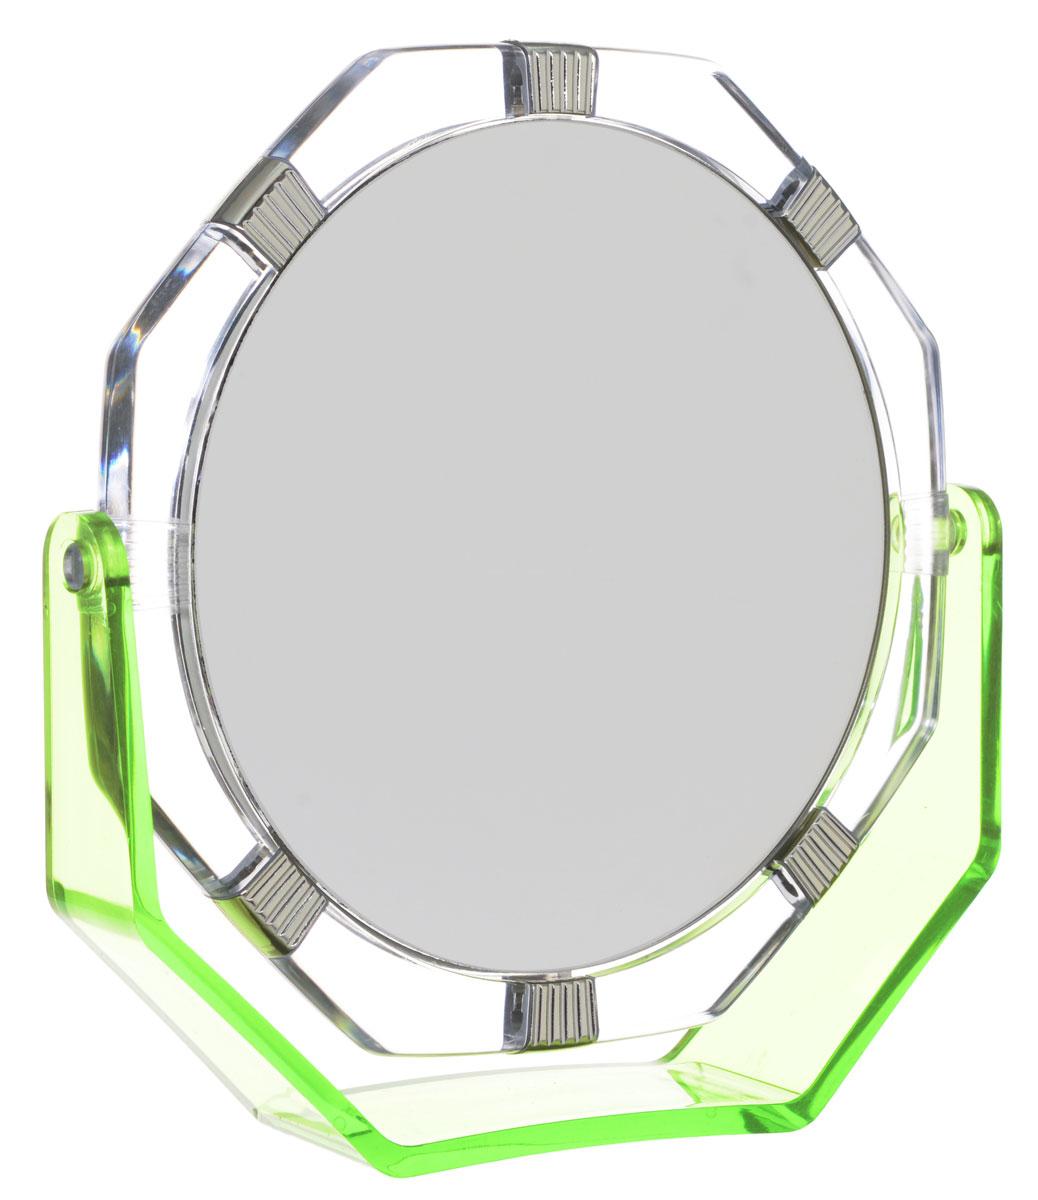 Зеркало Beiron 1138 настольное, двустороннее, d 17, 5см, x21057V15647Зеркало Beiron 1138 настольное, двустороннее, d 17, 5см, x2